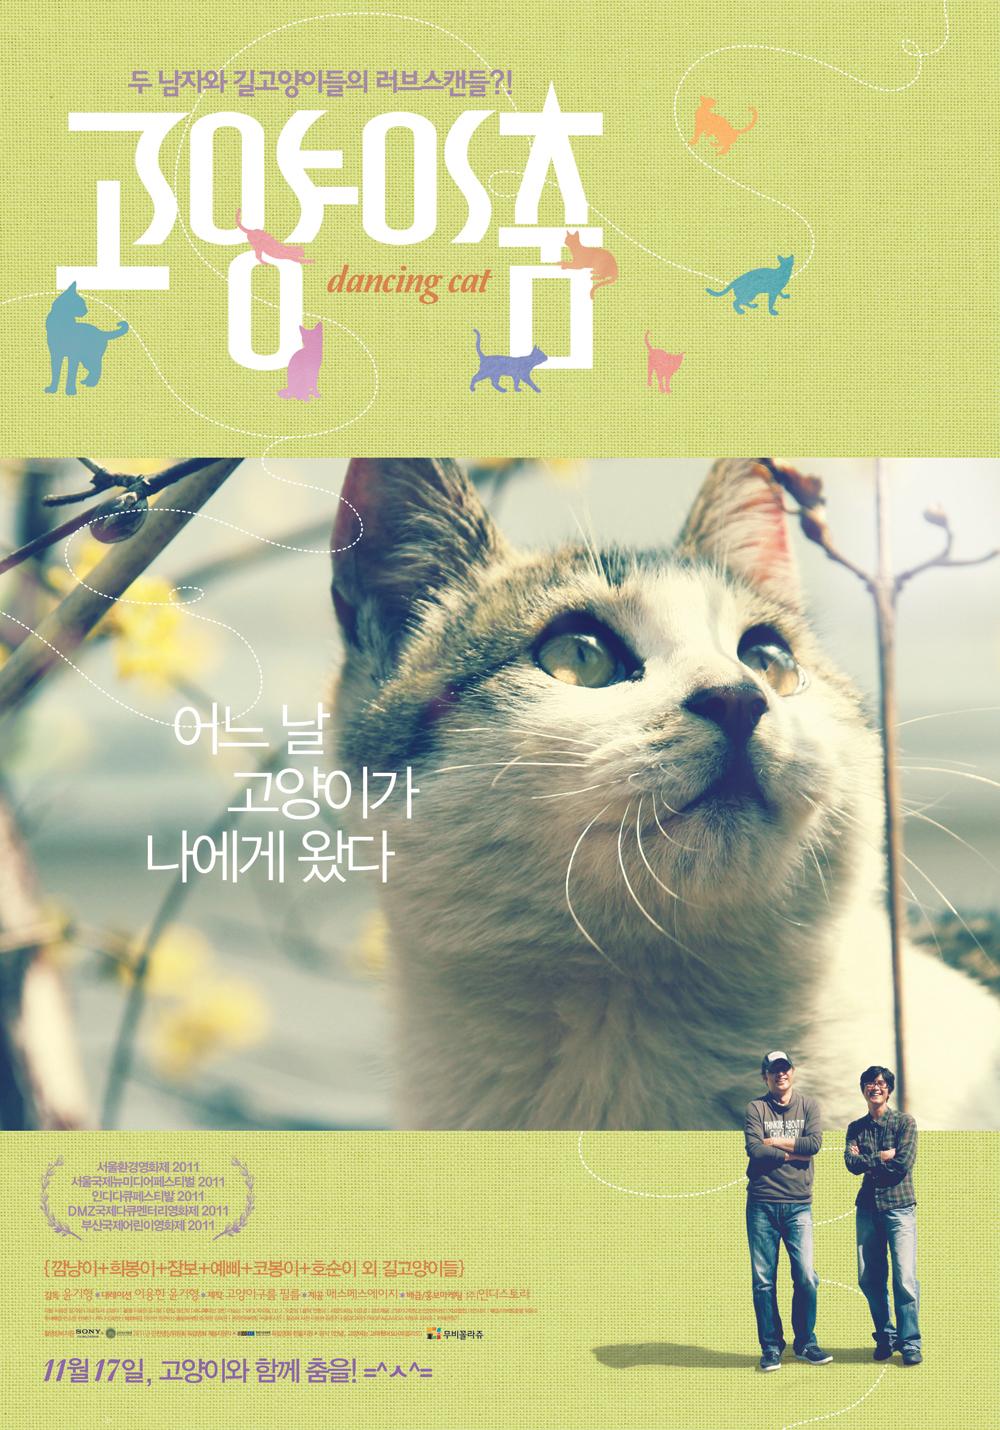 [영화 혹은 다큐] 고양이춤 (2012.5.28)